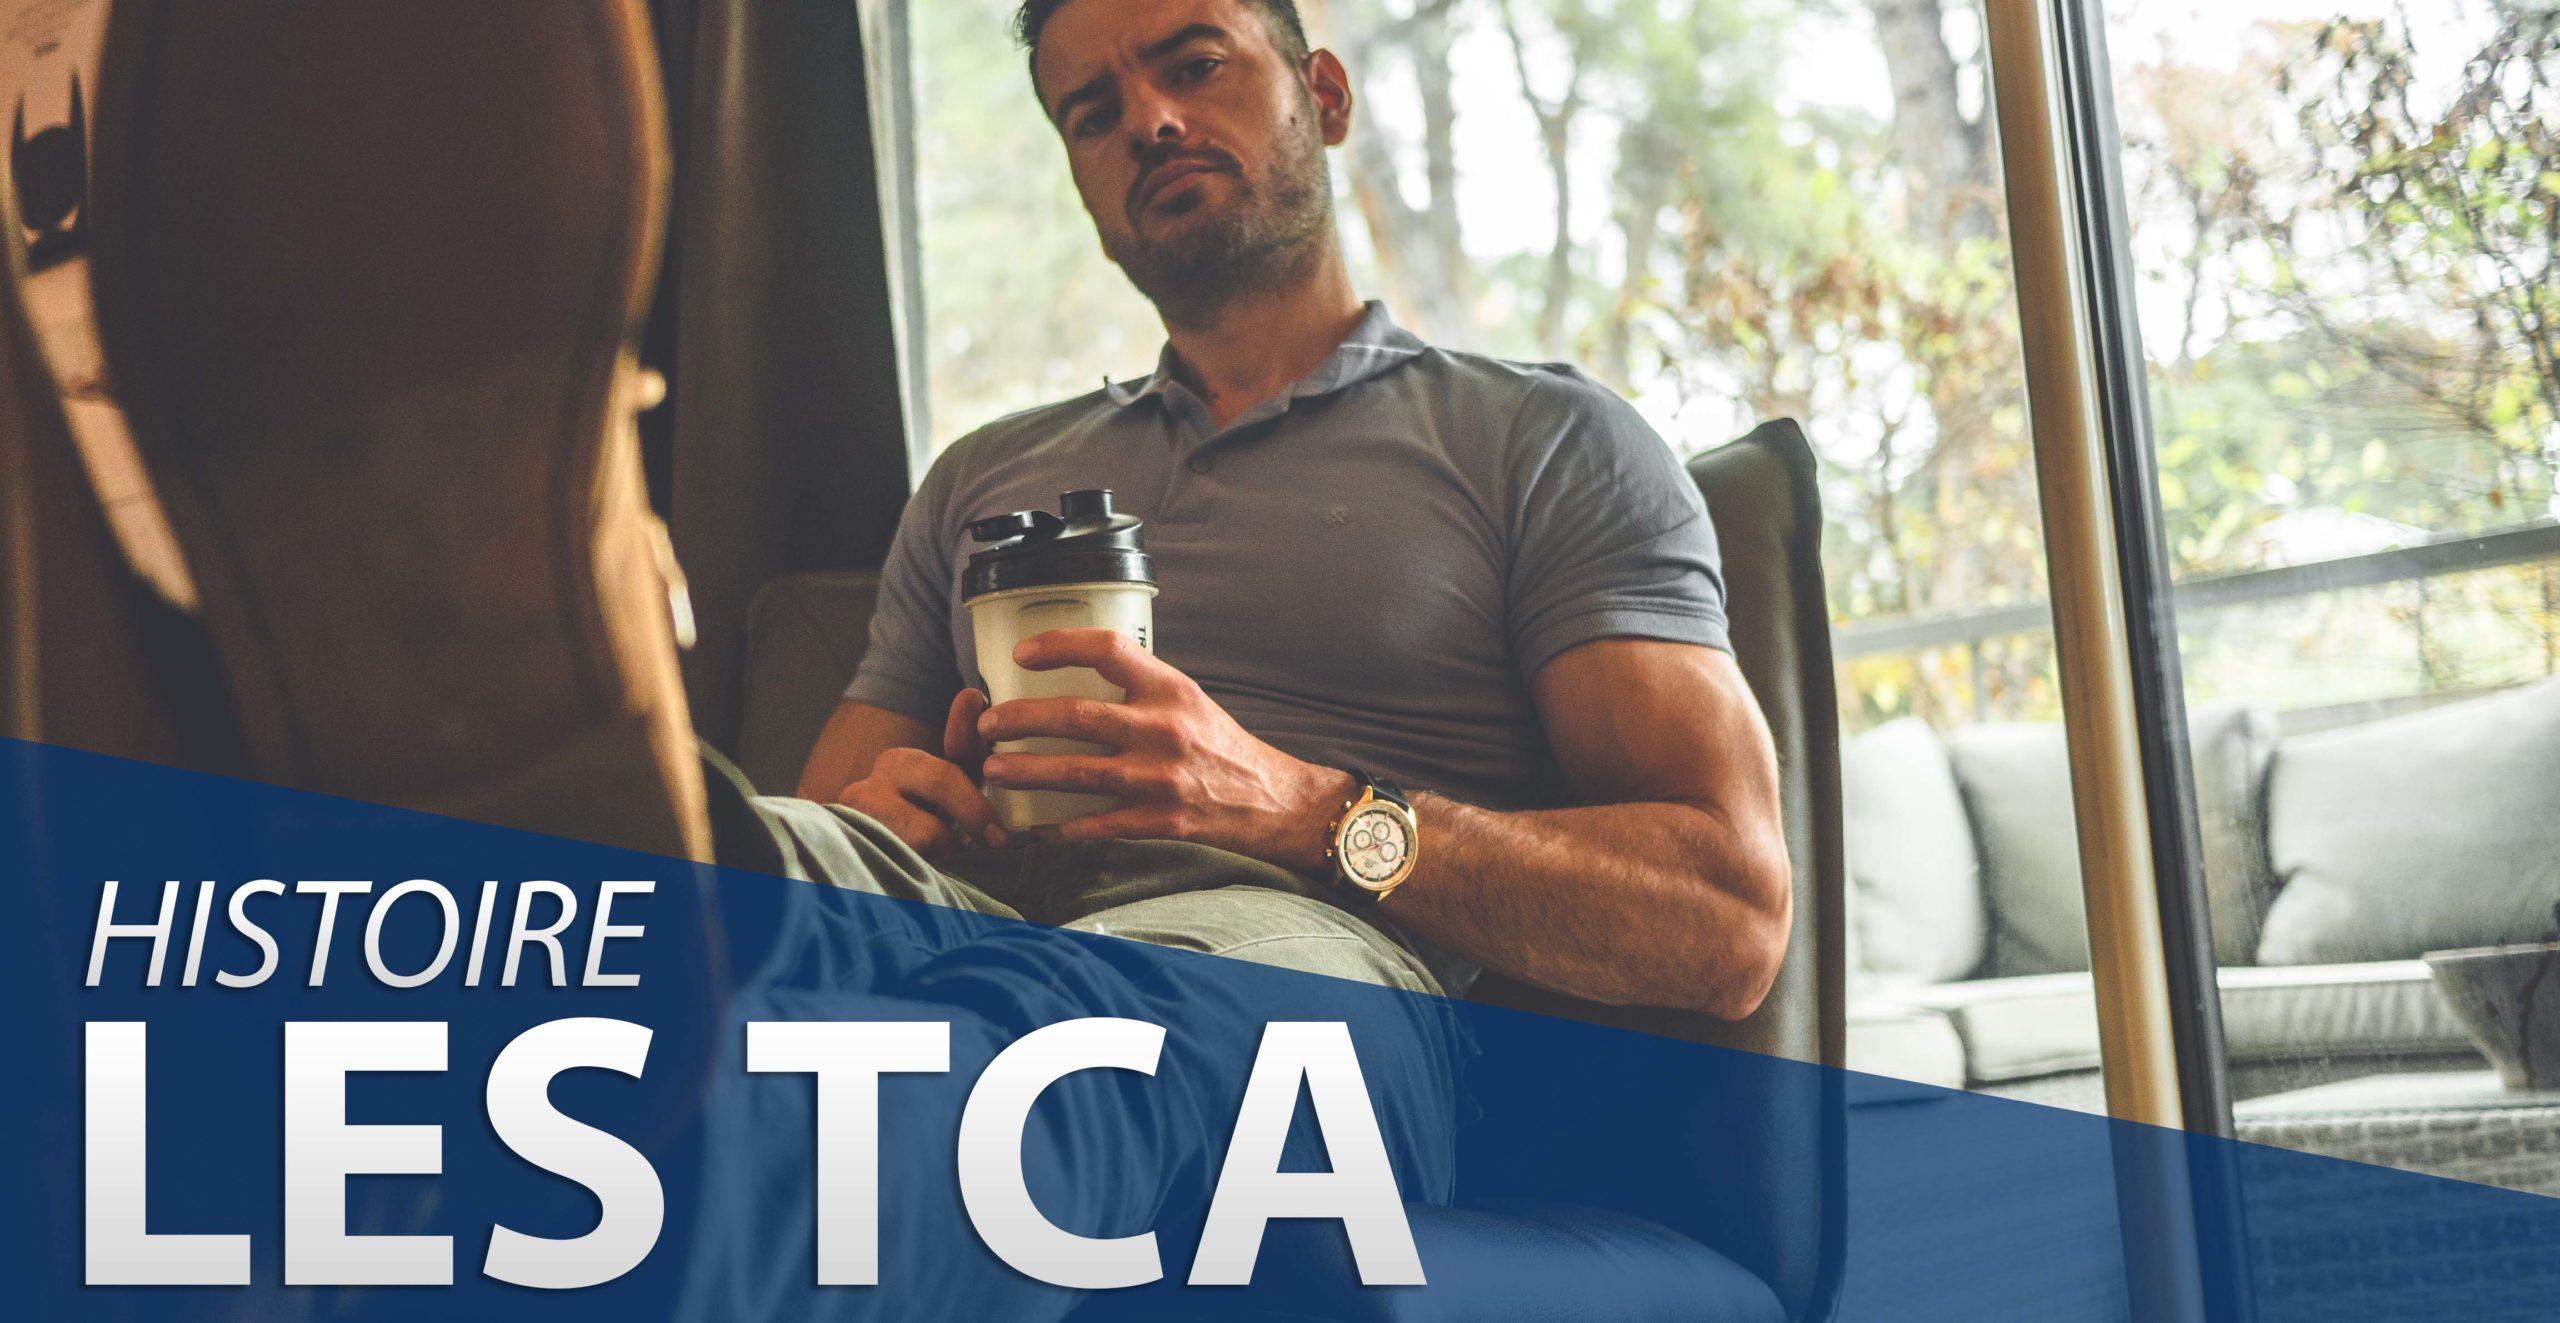 Les TCA en musculation, les outils spécifiques pour en sortir